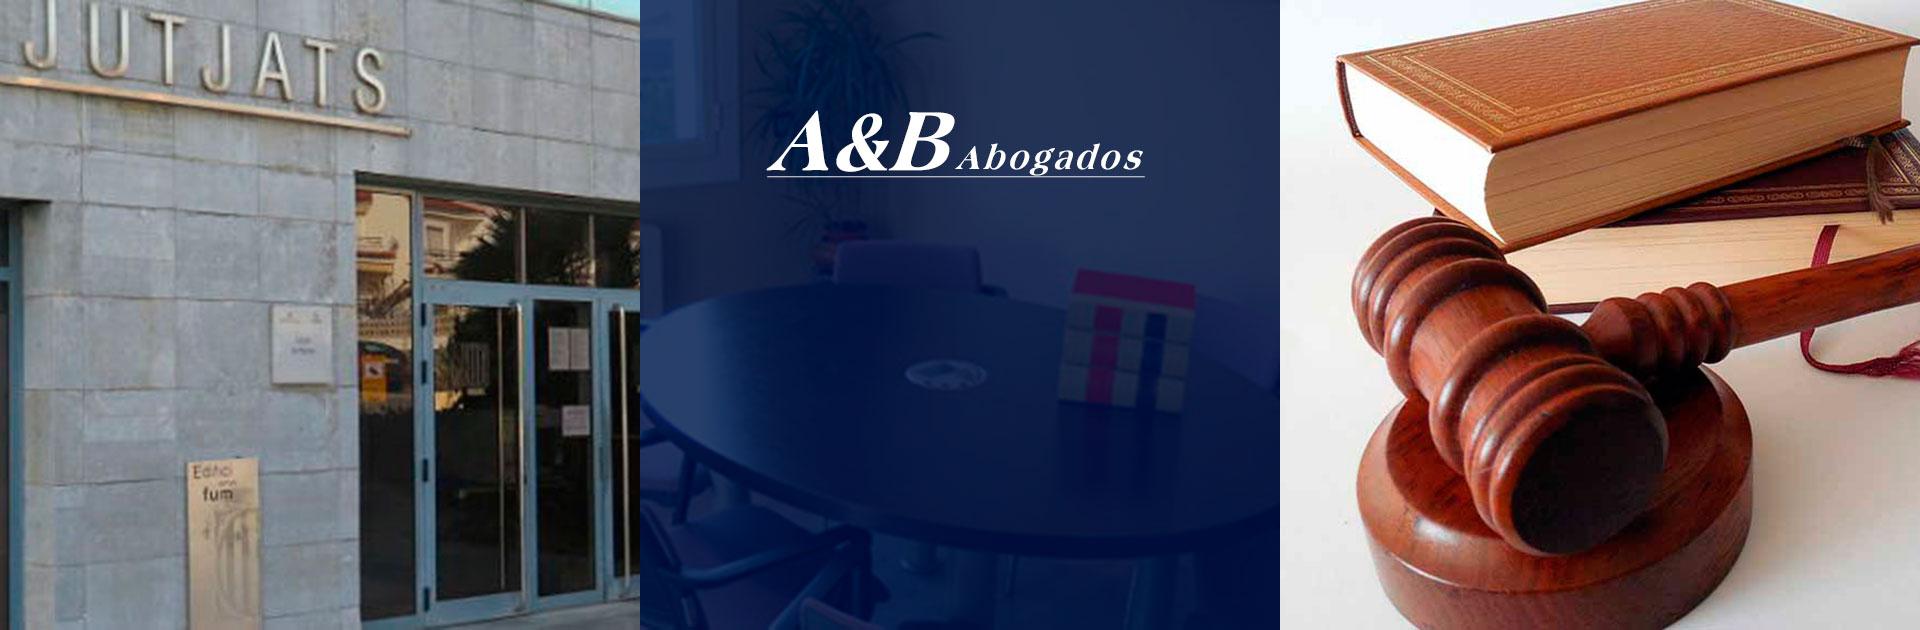 a-b-abogados-blanesjpg